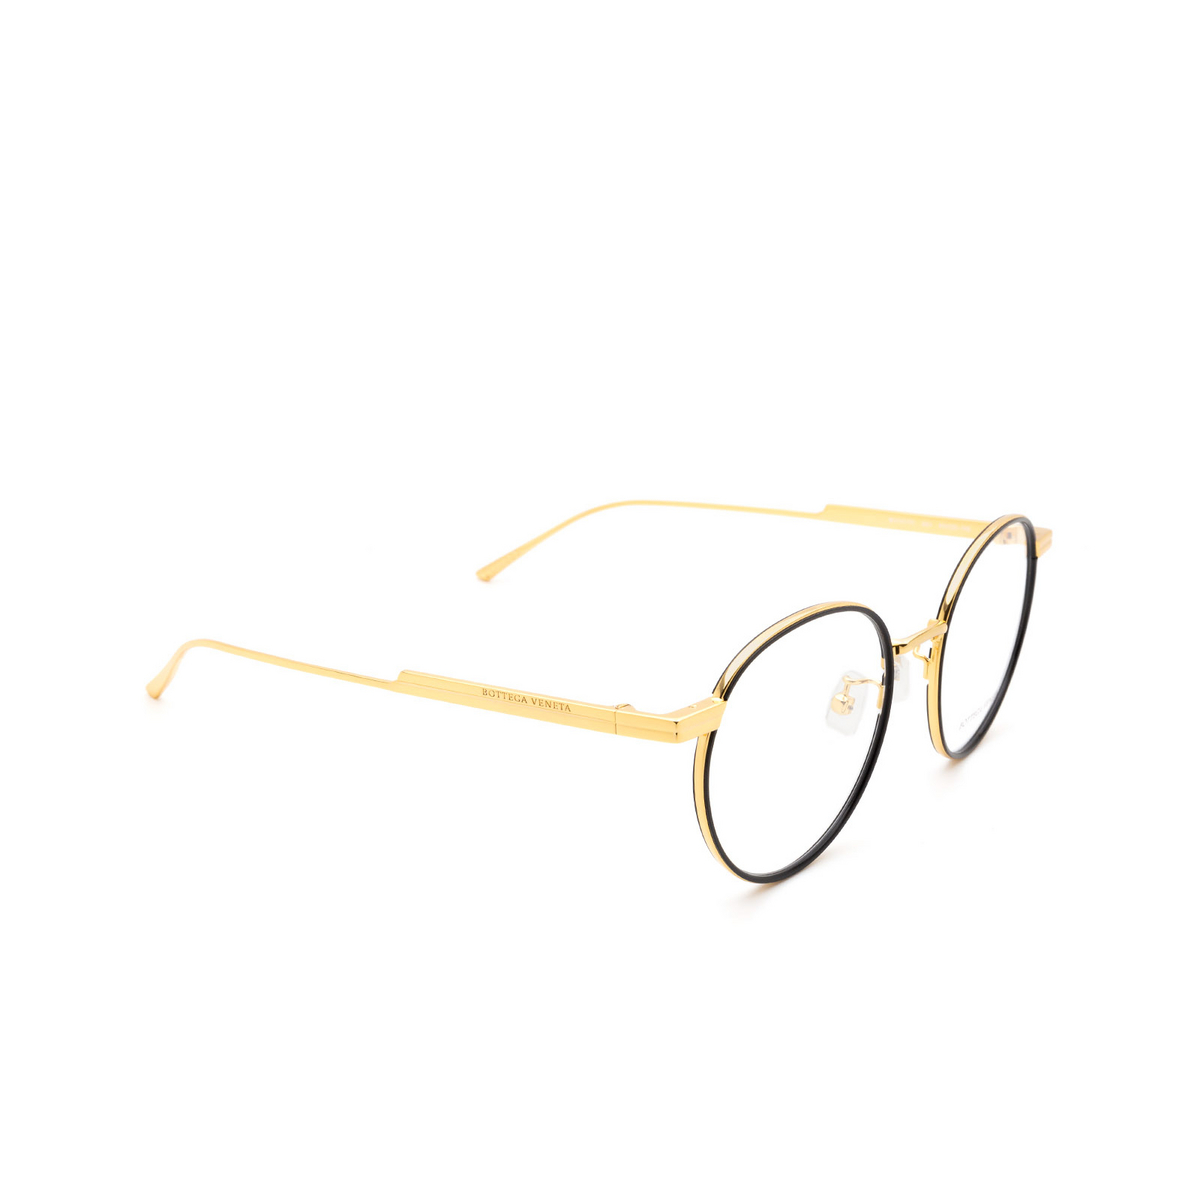 Bottega Veneta® Round Eyeglasses: BV1017O color Black & Gold 001 - three-quarters view.